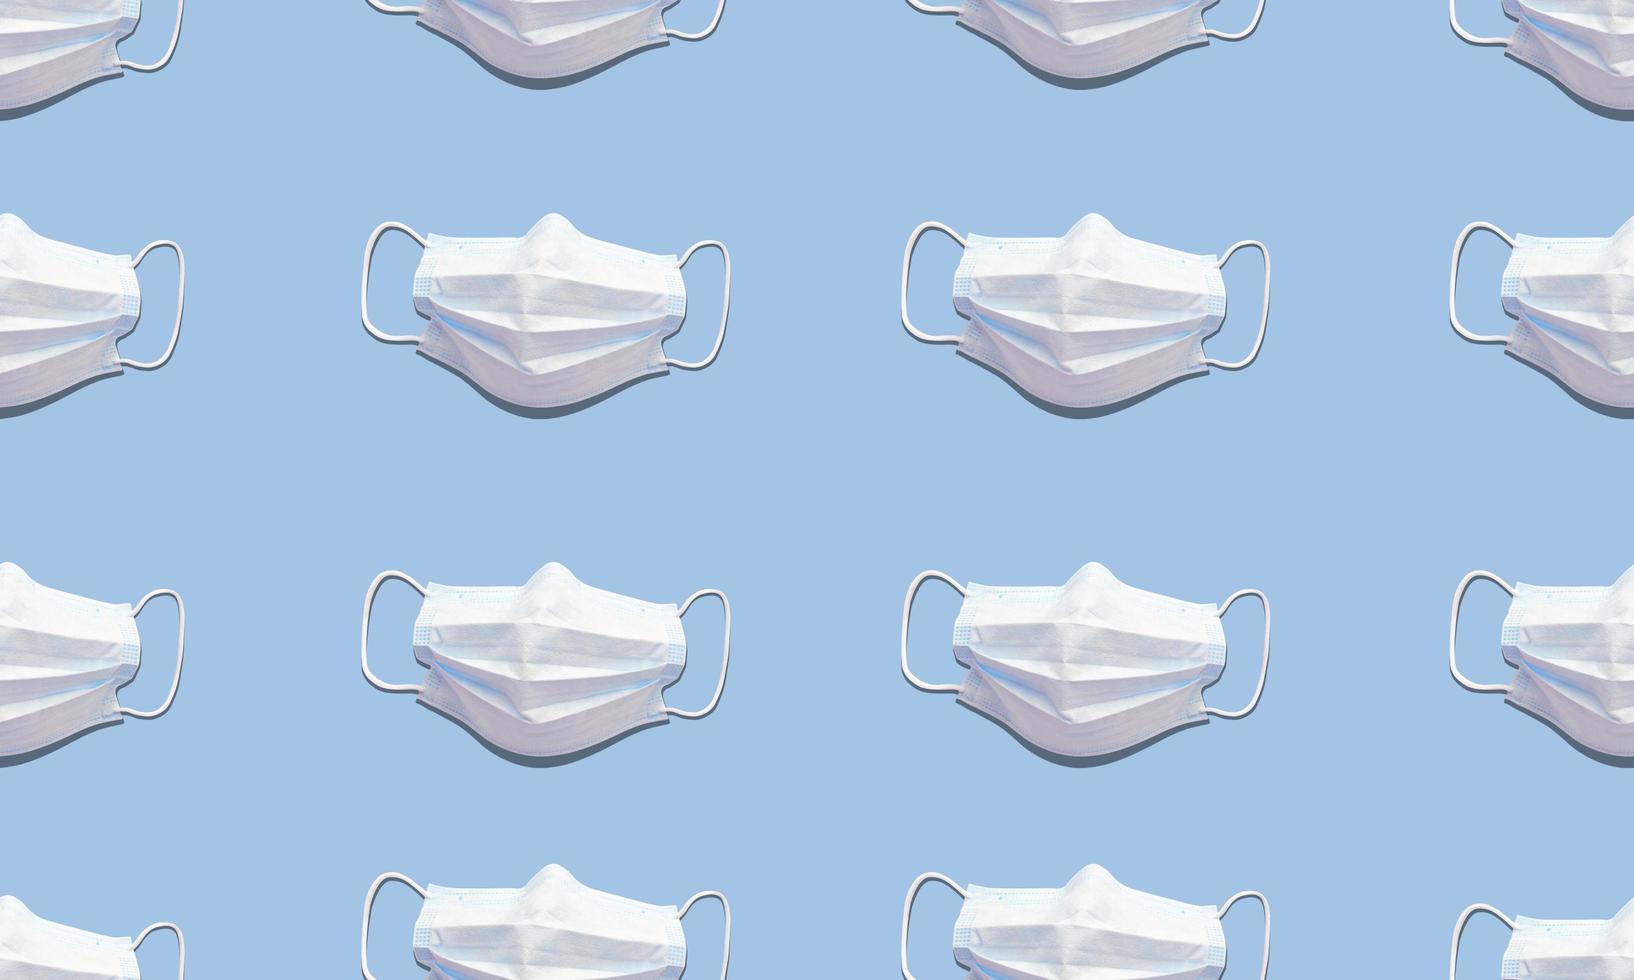 maschere mediche bianche su sfondo blu. modello senza cuciture di tendenza con ombre dure. foto stock piatta laici.